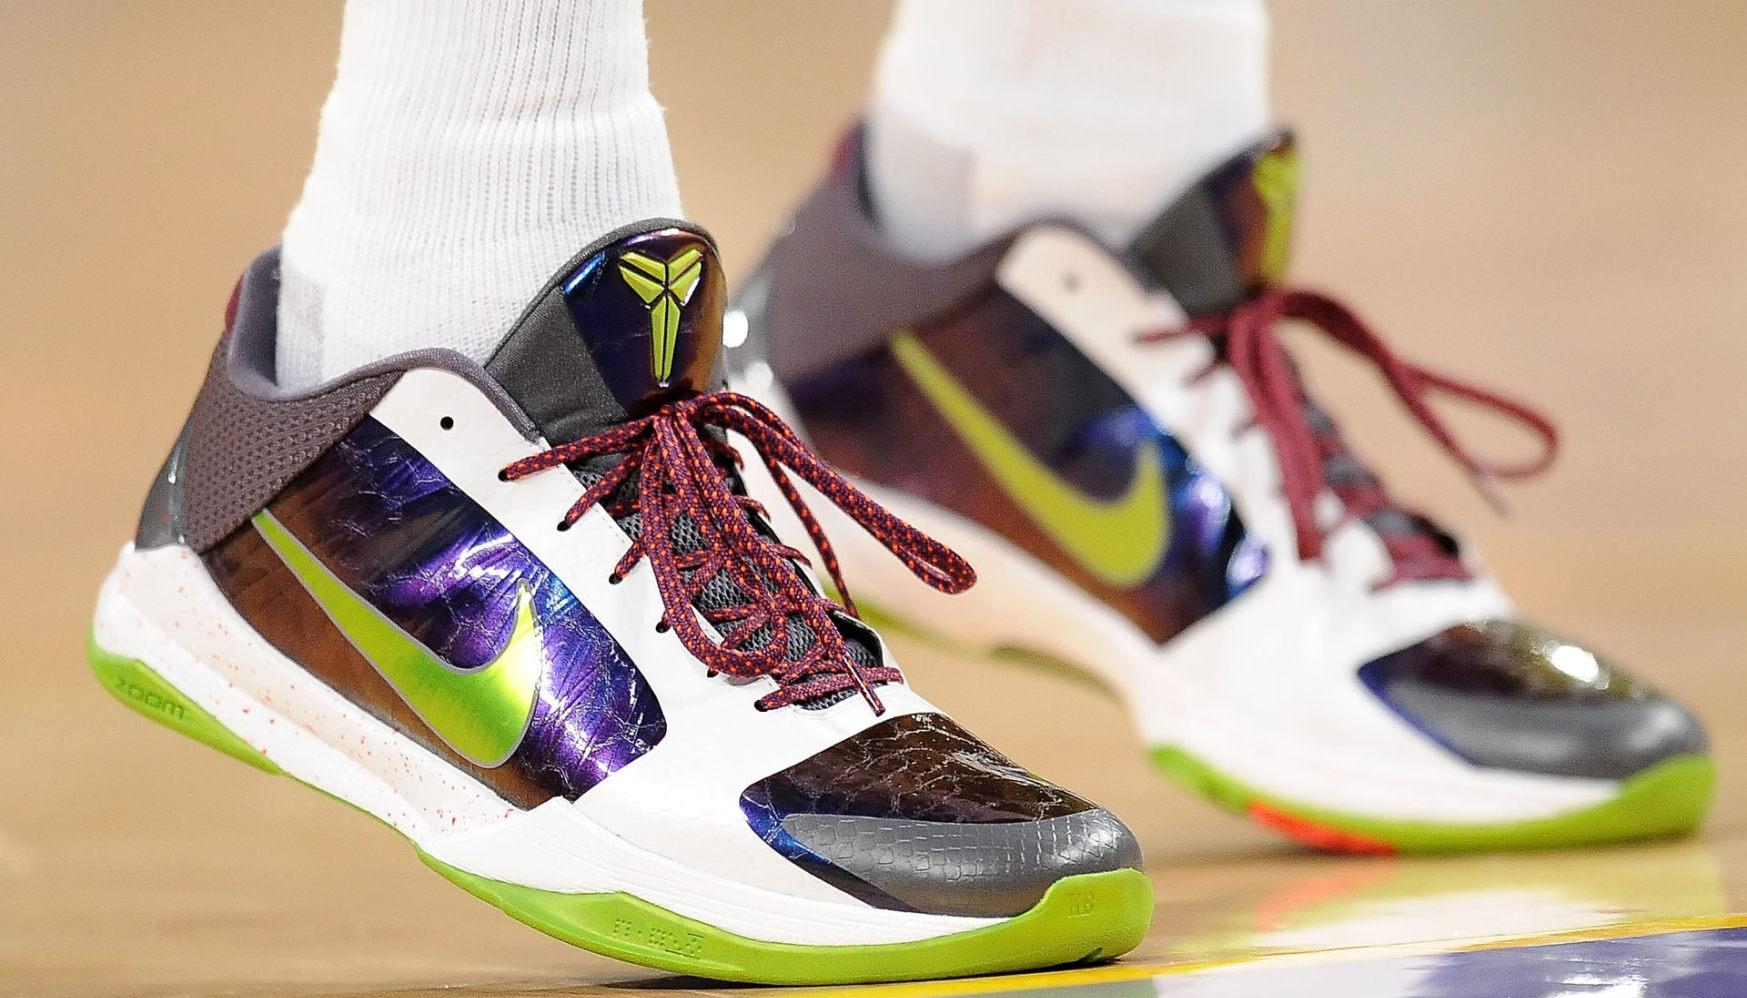 daaeca002abf buy kobe sneakers kobe bryant shoes christmas edition